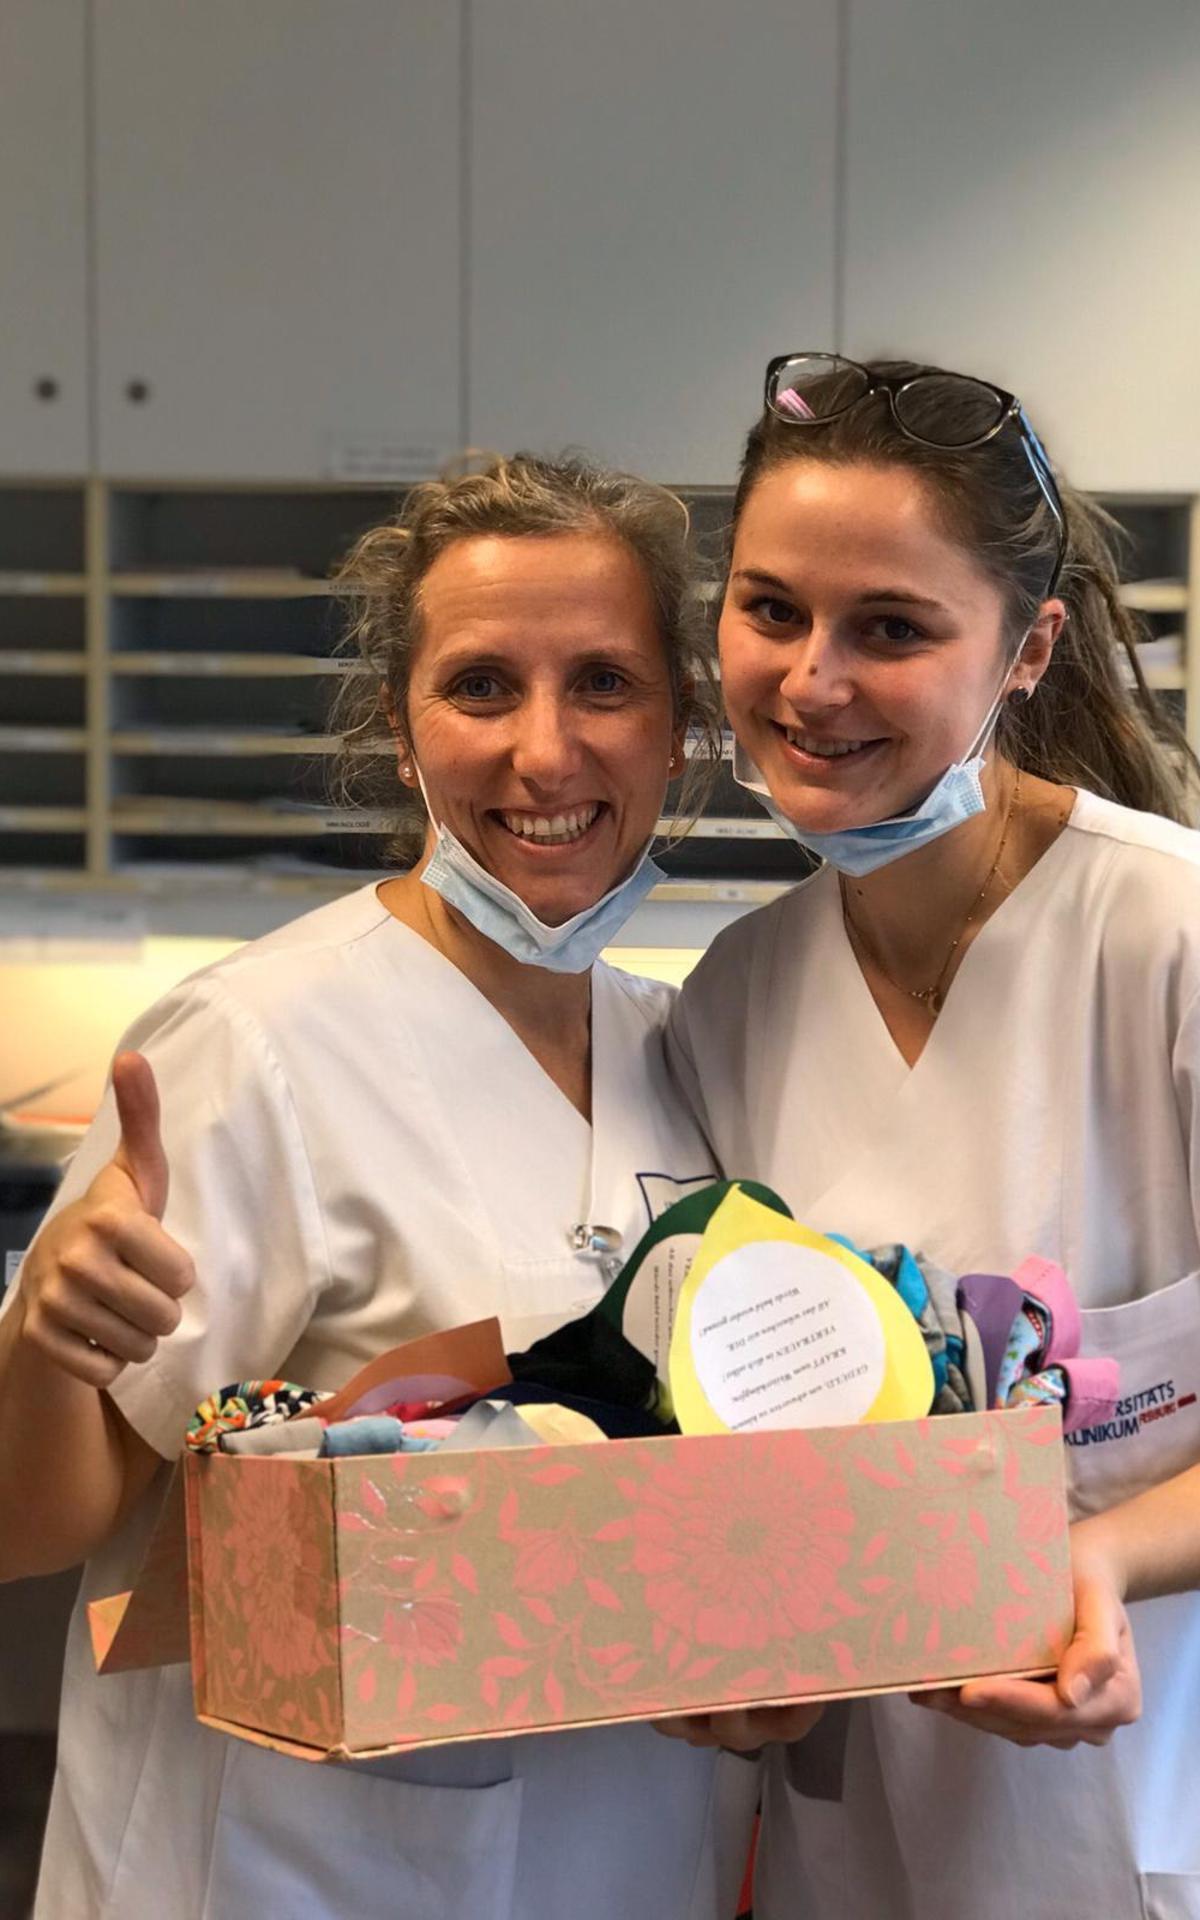 Übergabe der Mützen an die Kinderonkologie der Uni-Klinik in Freiburg